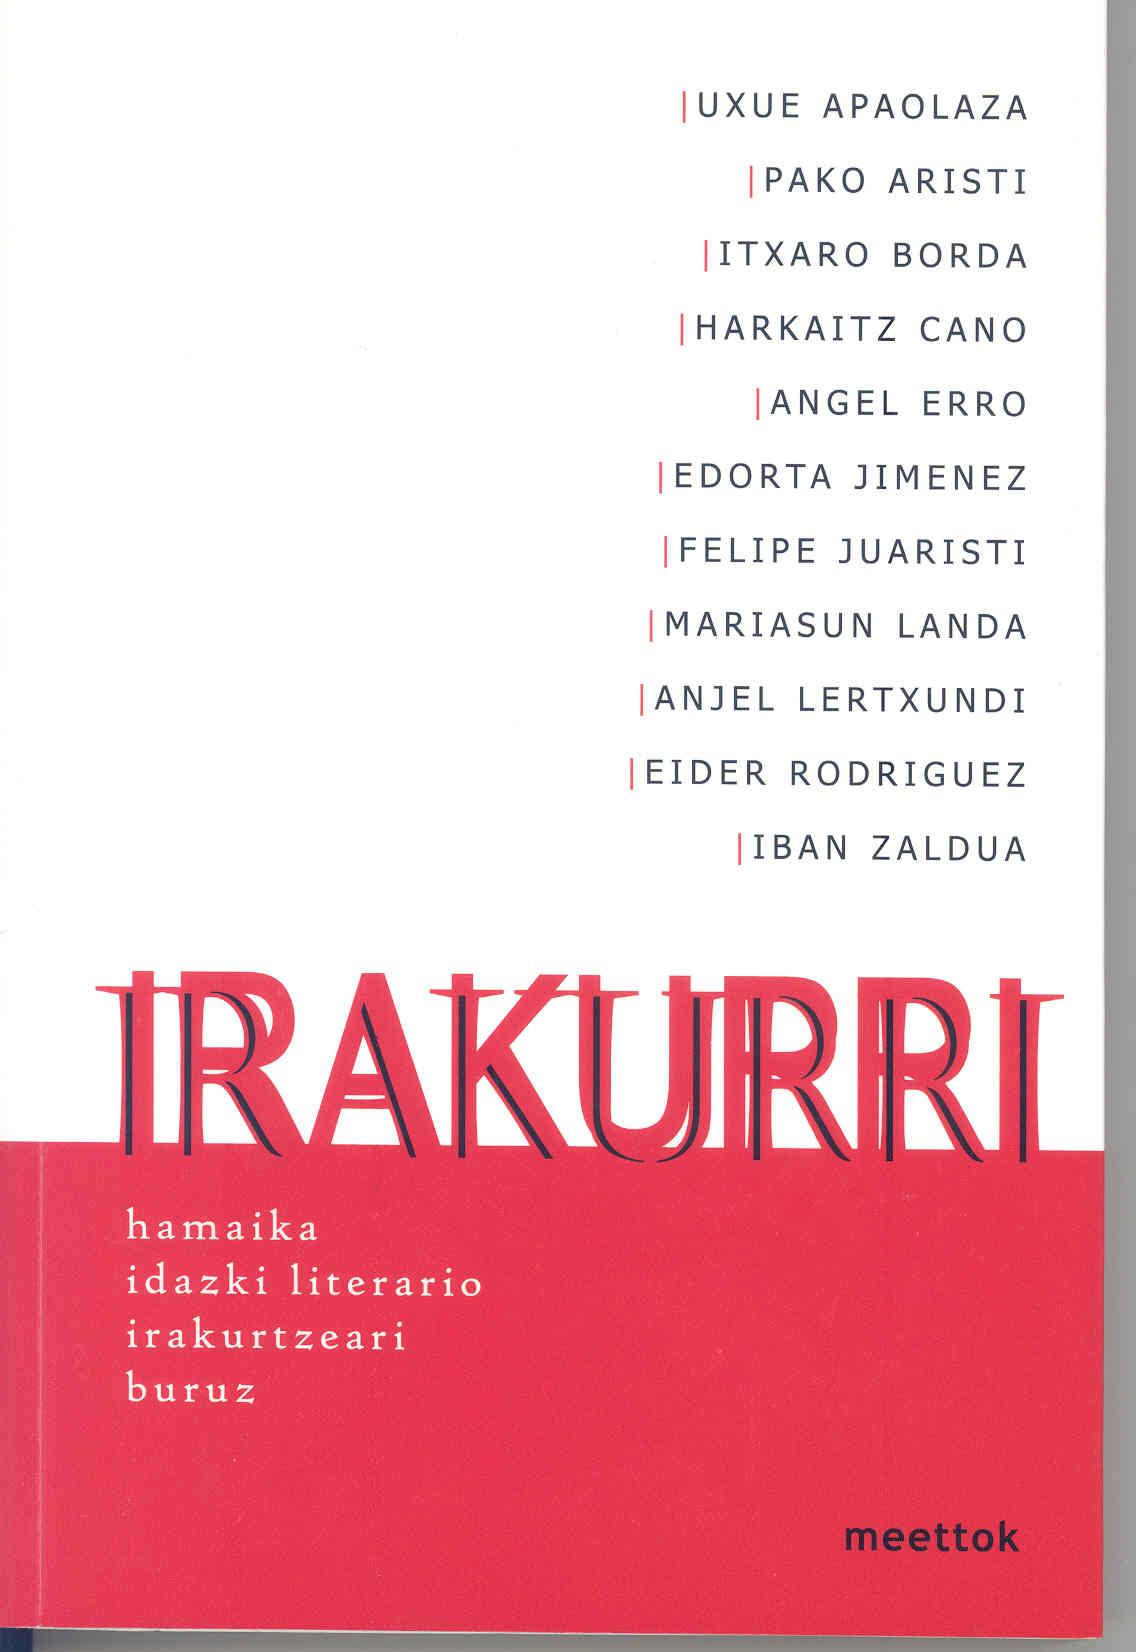 Portada del libro tiutlado Irakurri leer